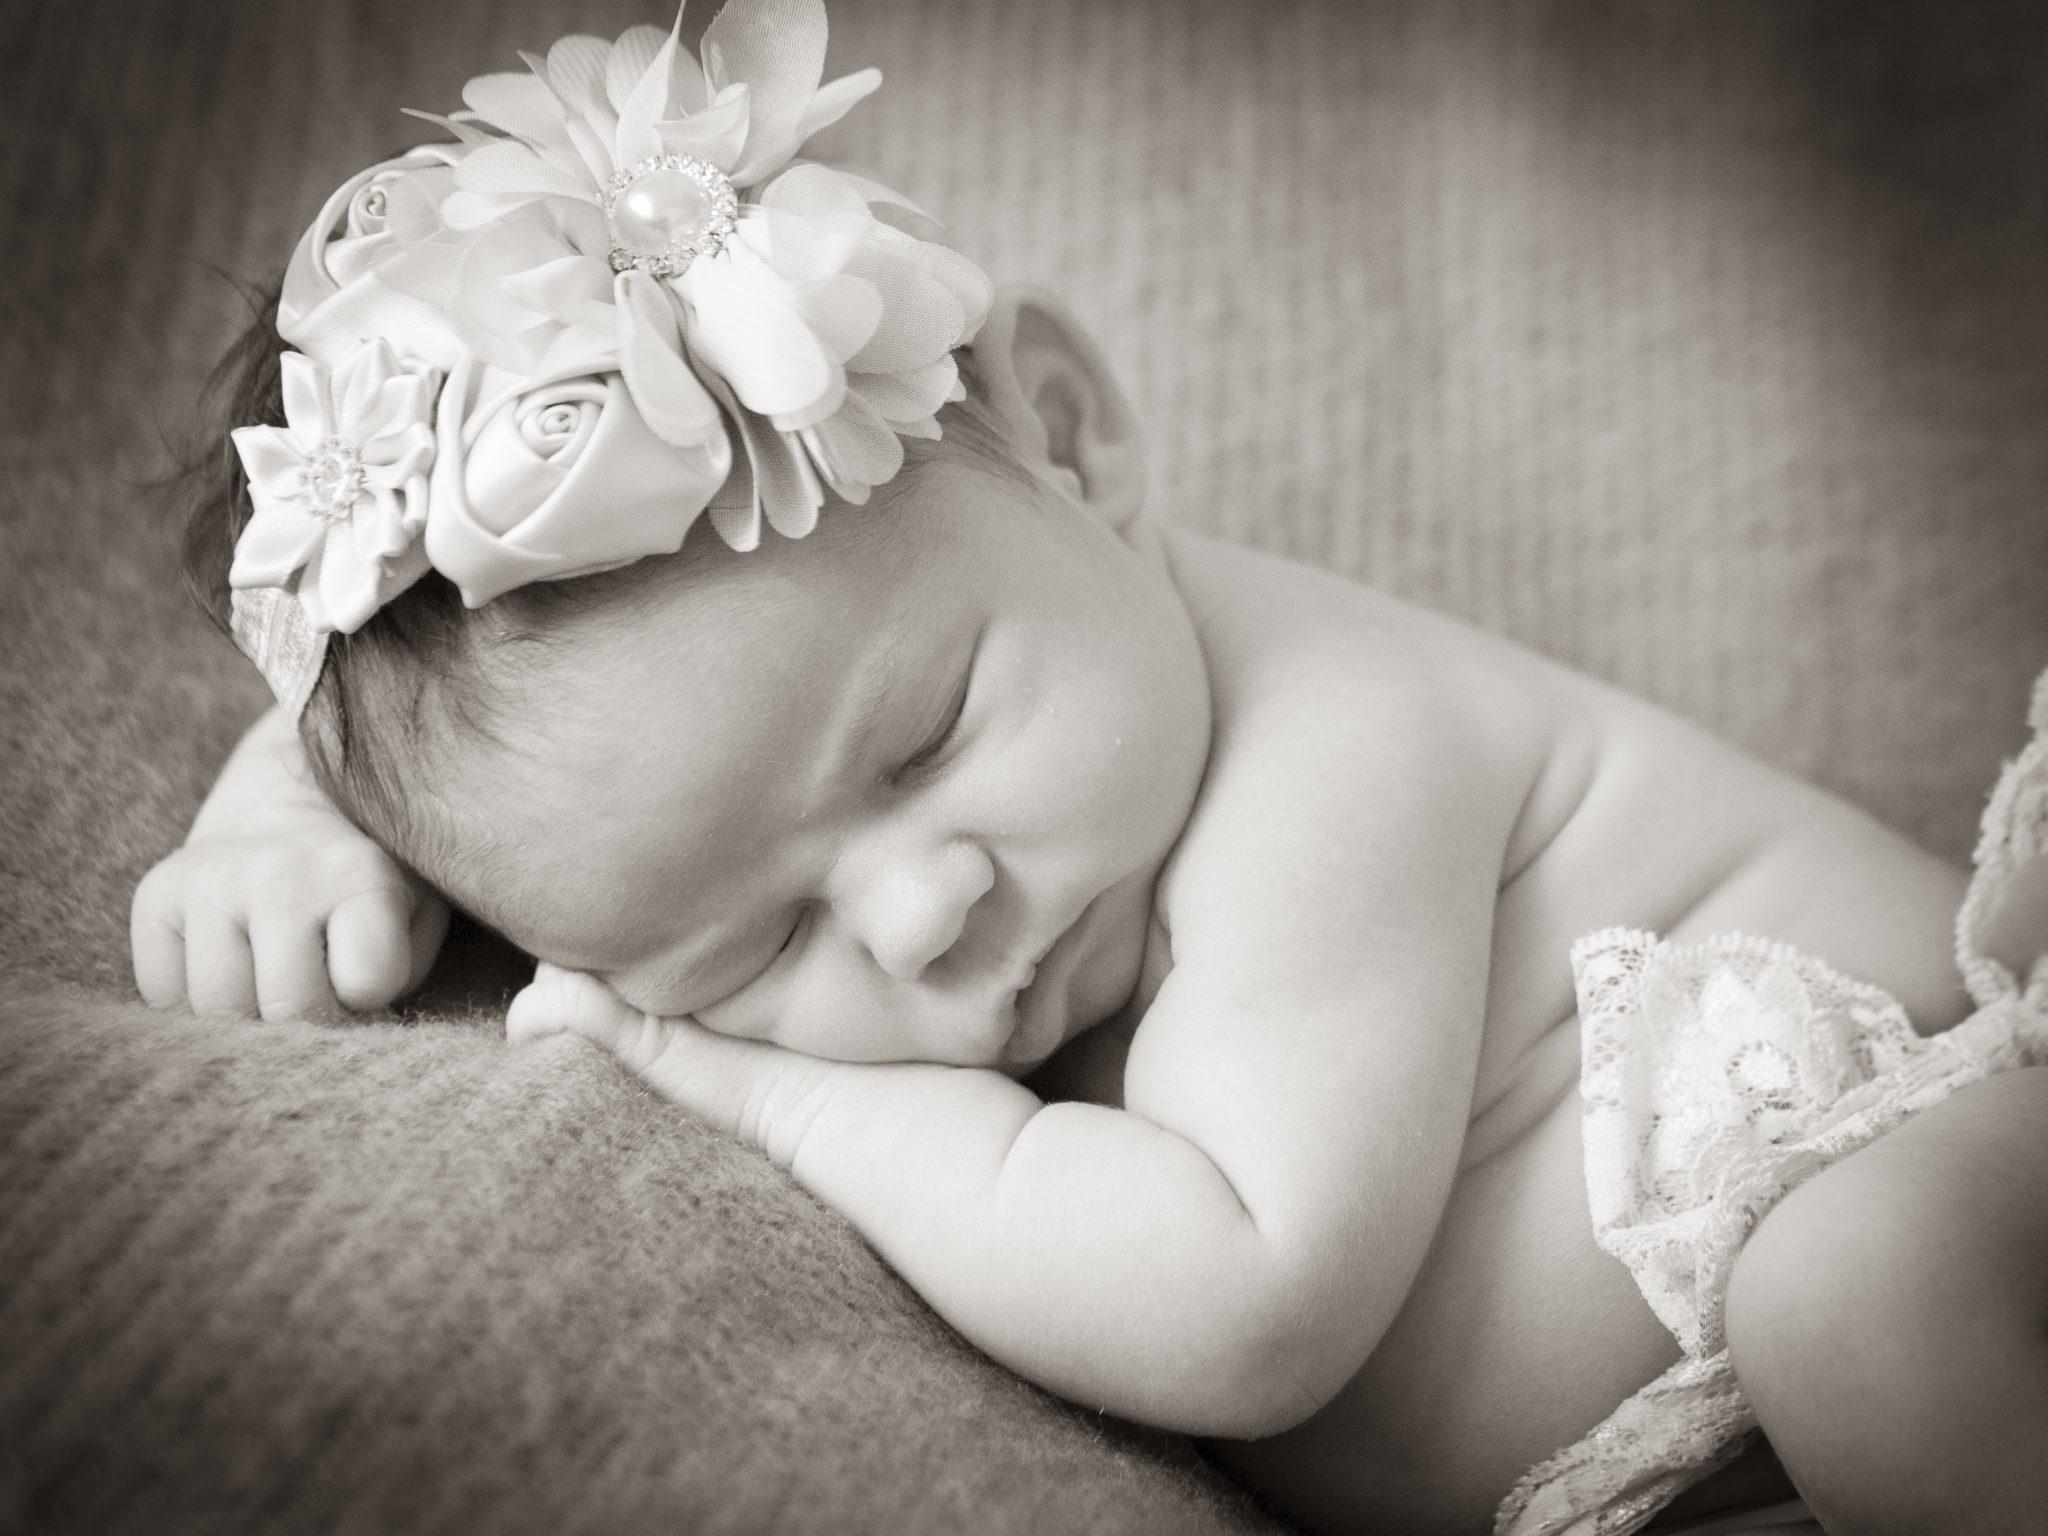 nur0027 - Sesión de fotos de recién nacido en casa